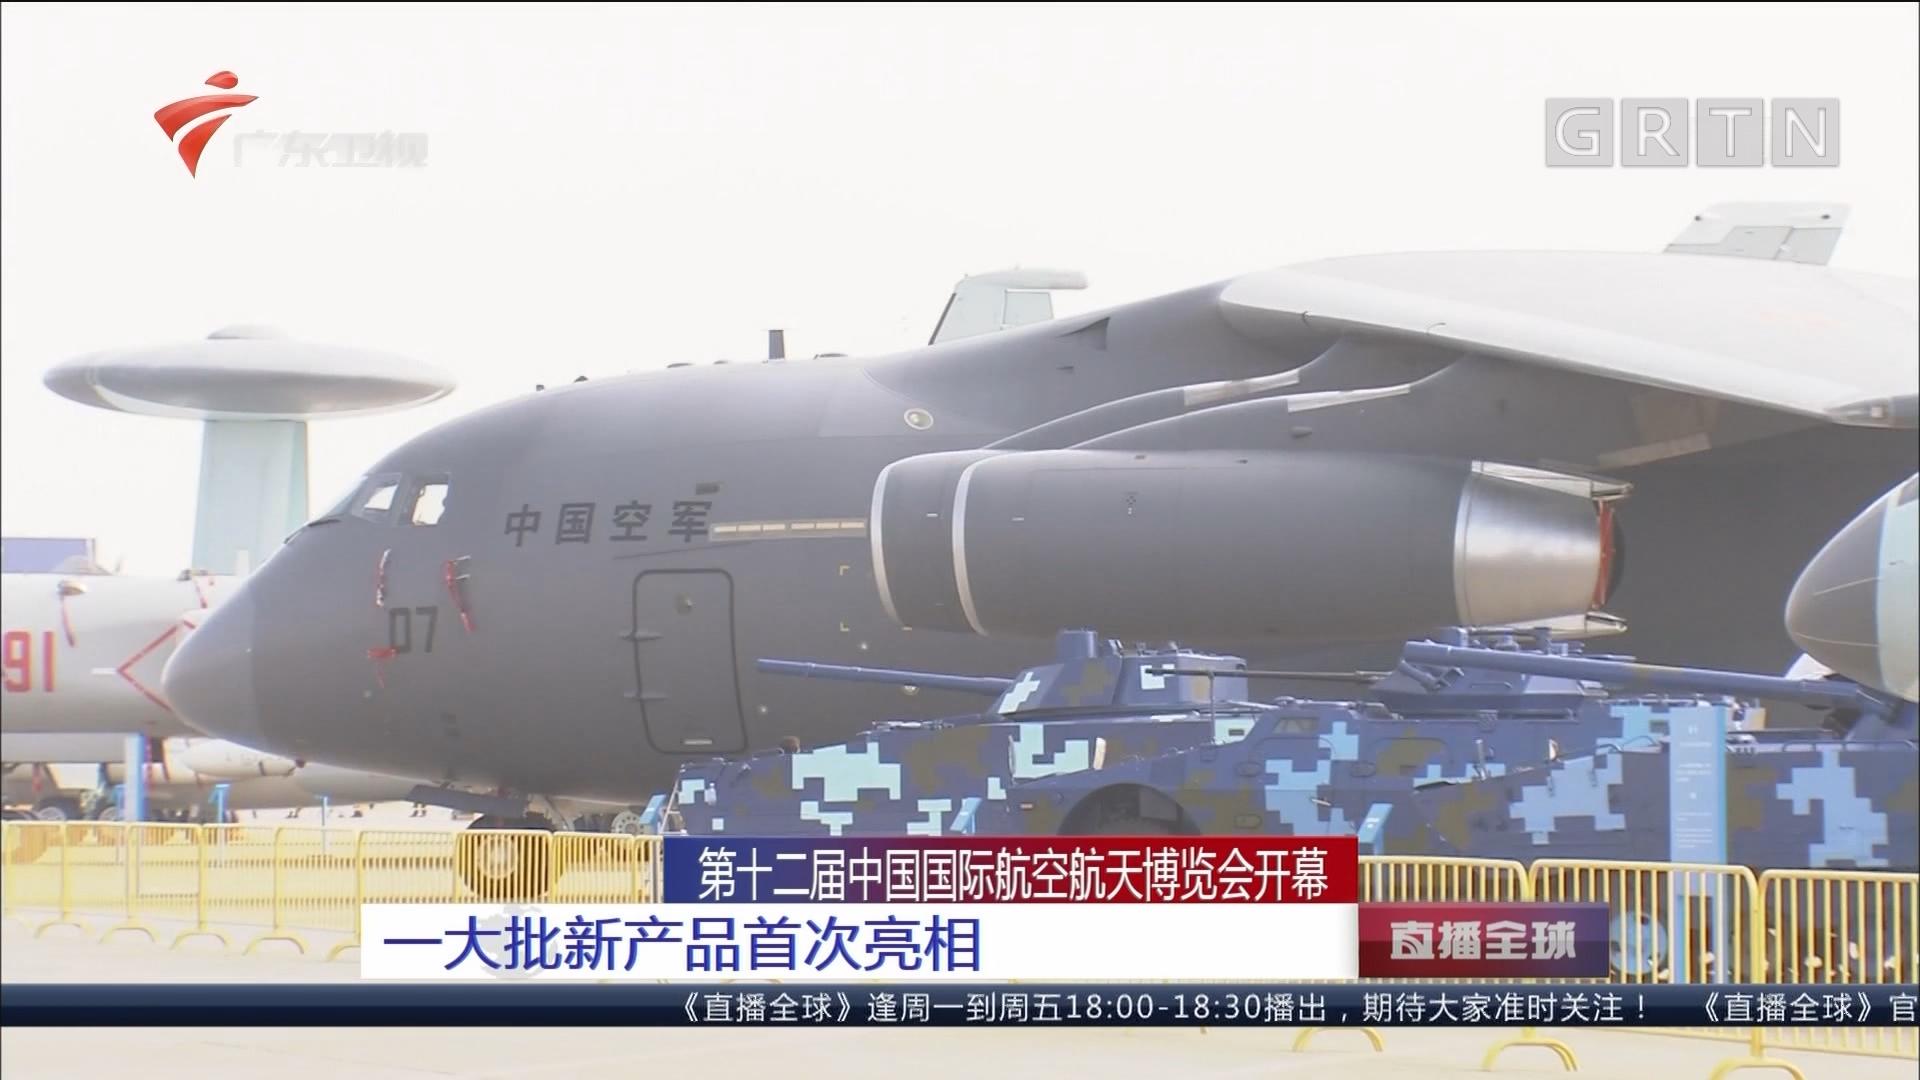 第十二届中国国际航空航天博览会开幕:一大批新产品首次亮相